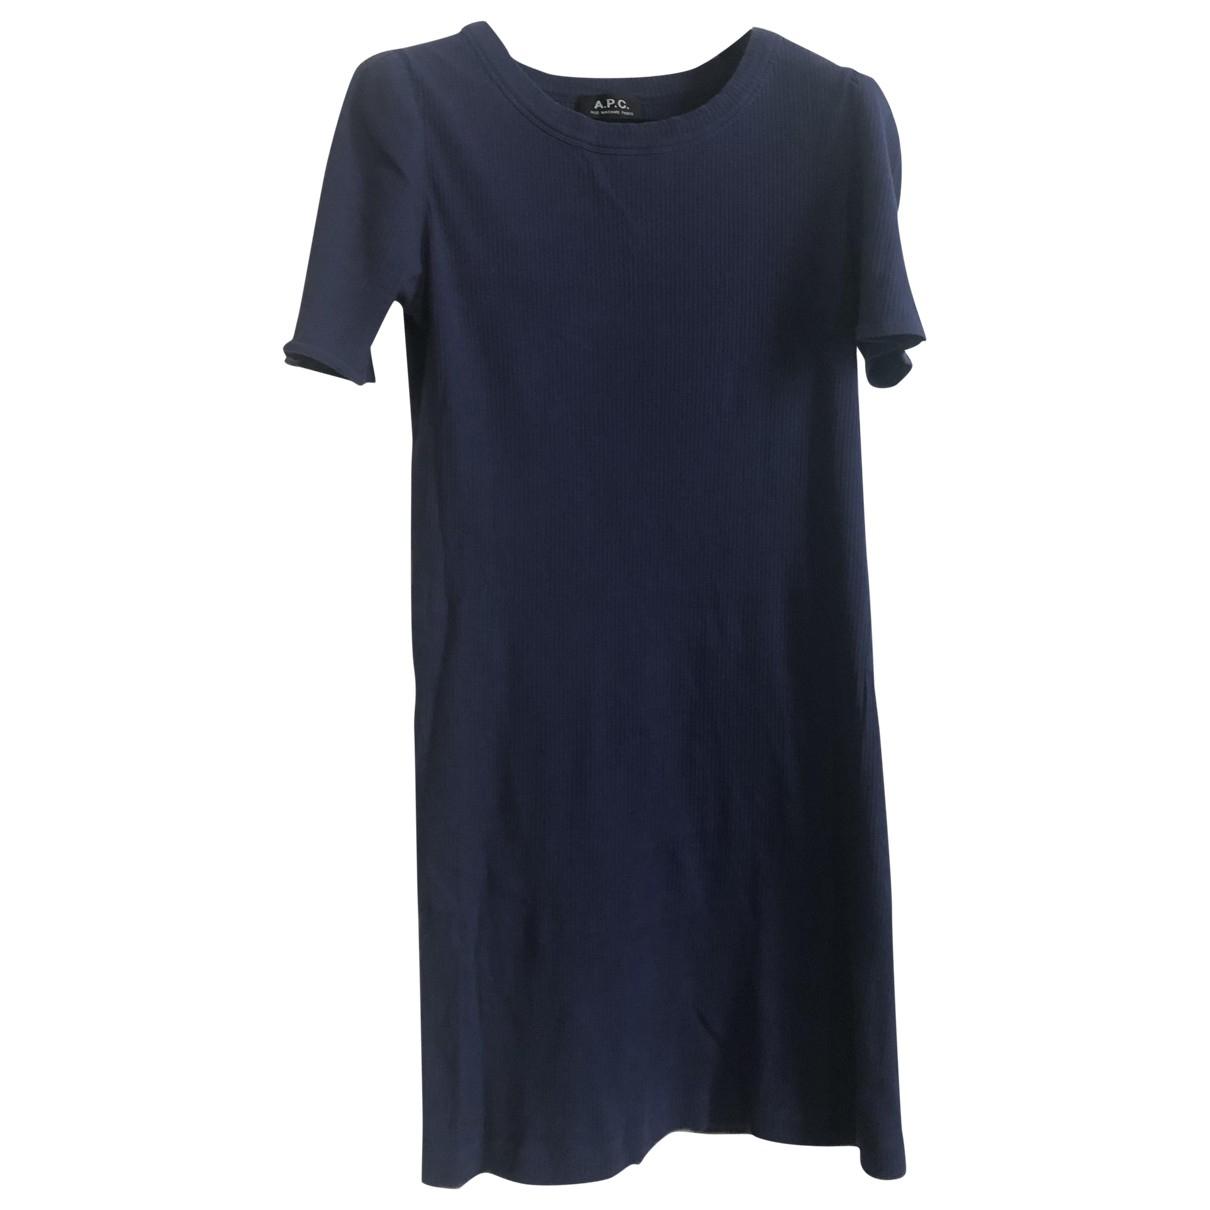 Apc \N Kleid in  Blau Baumwolle - Elasthan